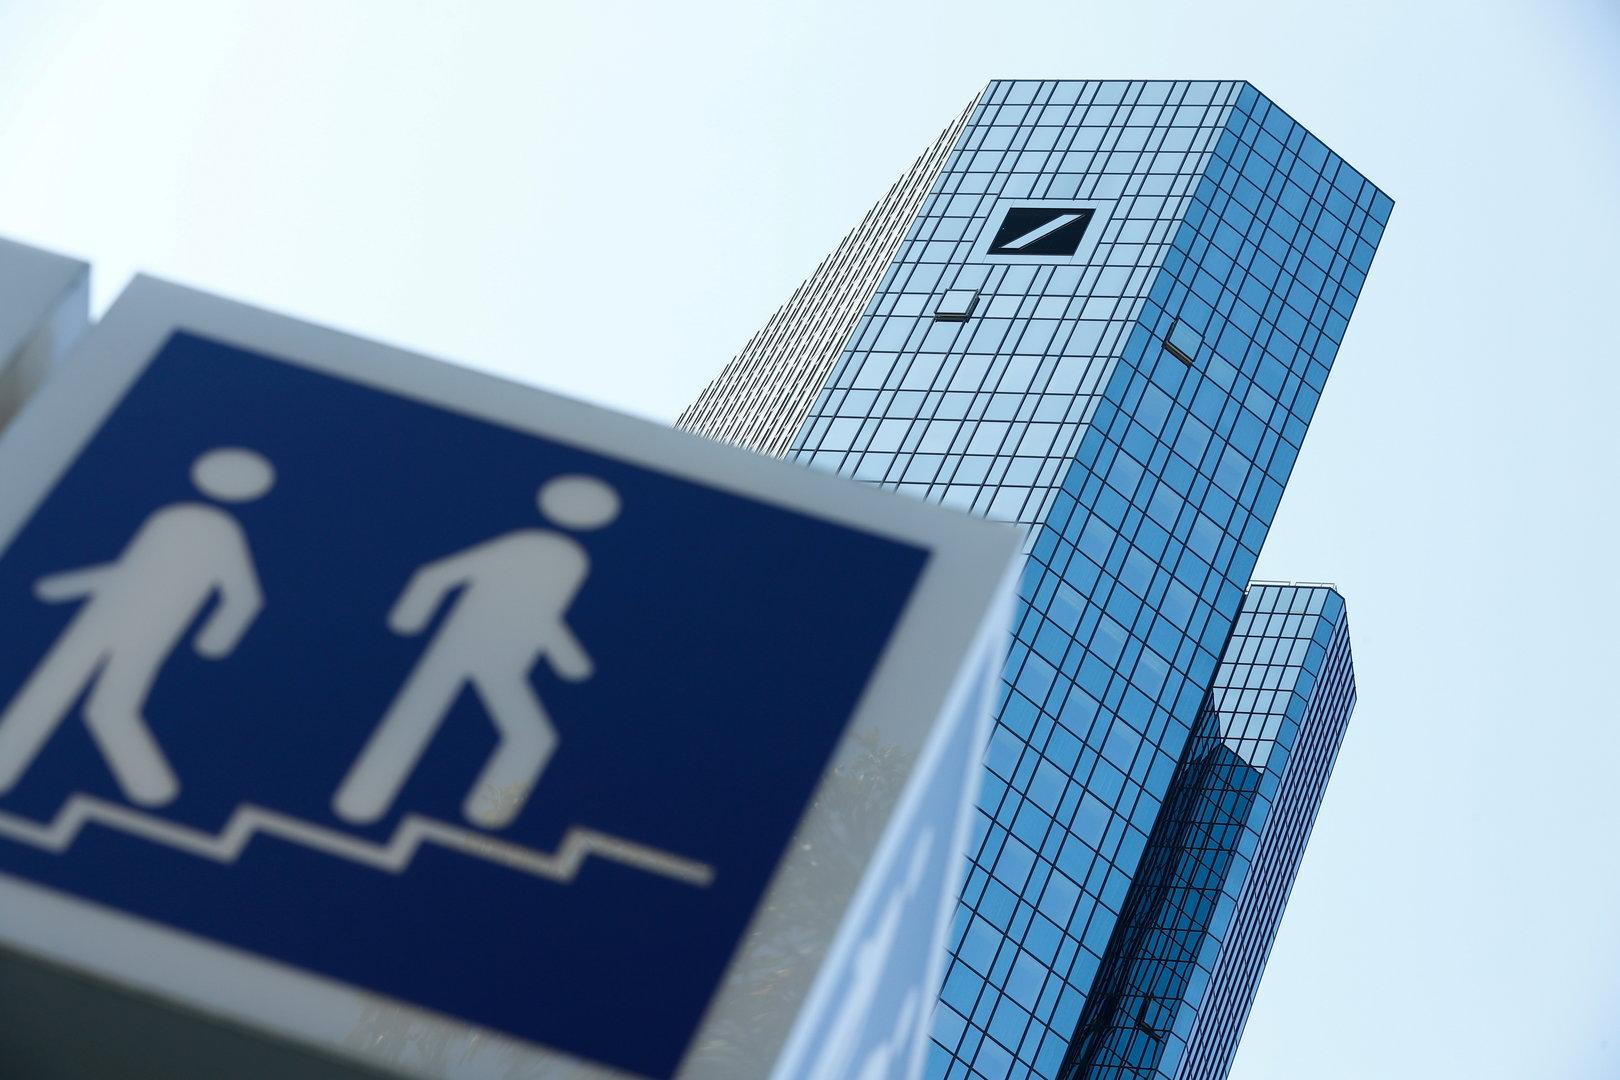 Deutsche Bank verdiente dank Investmentbanking unerwartet viel